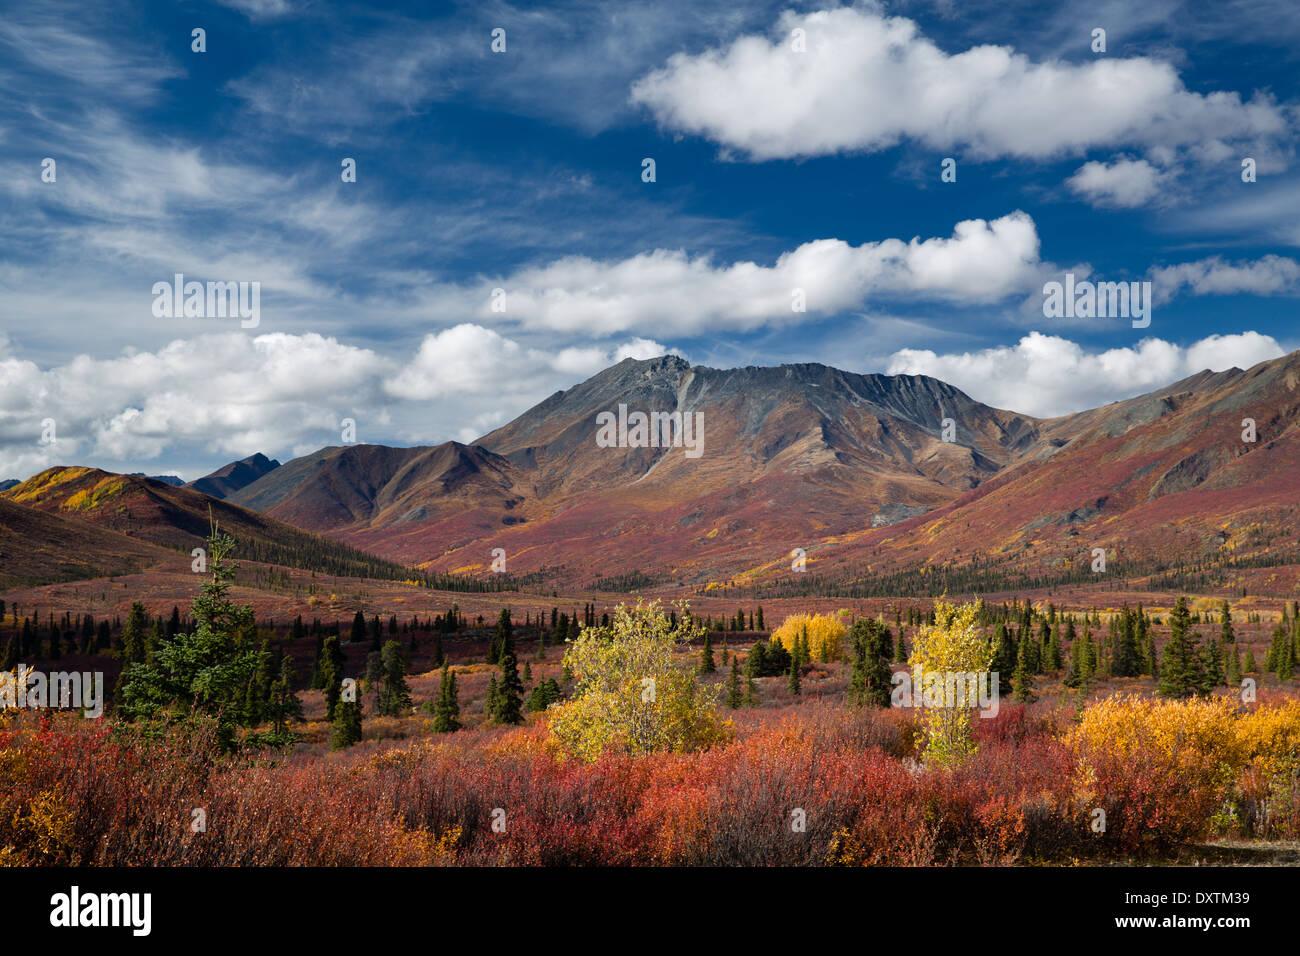 Couleurs d'automne et de la cathédrale de la montagne, le parc territorial Tombstone, Yukon, Canada Photo Stock